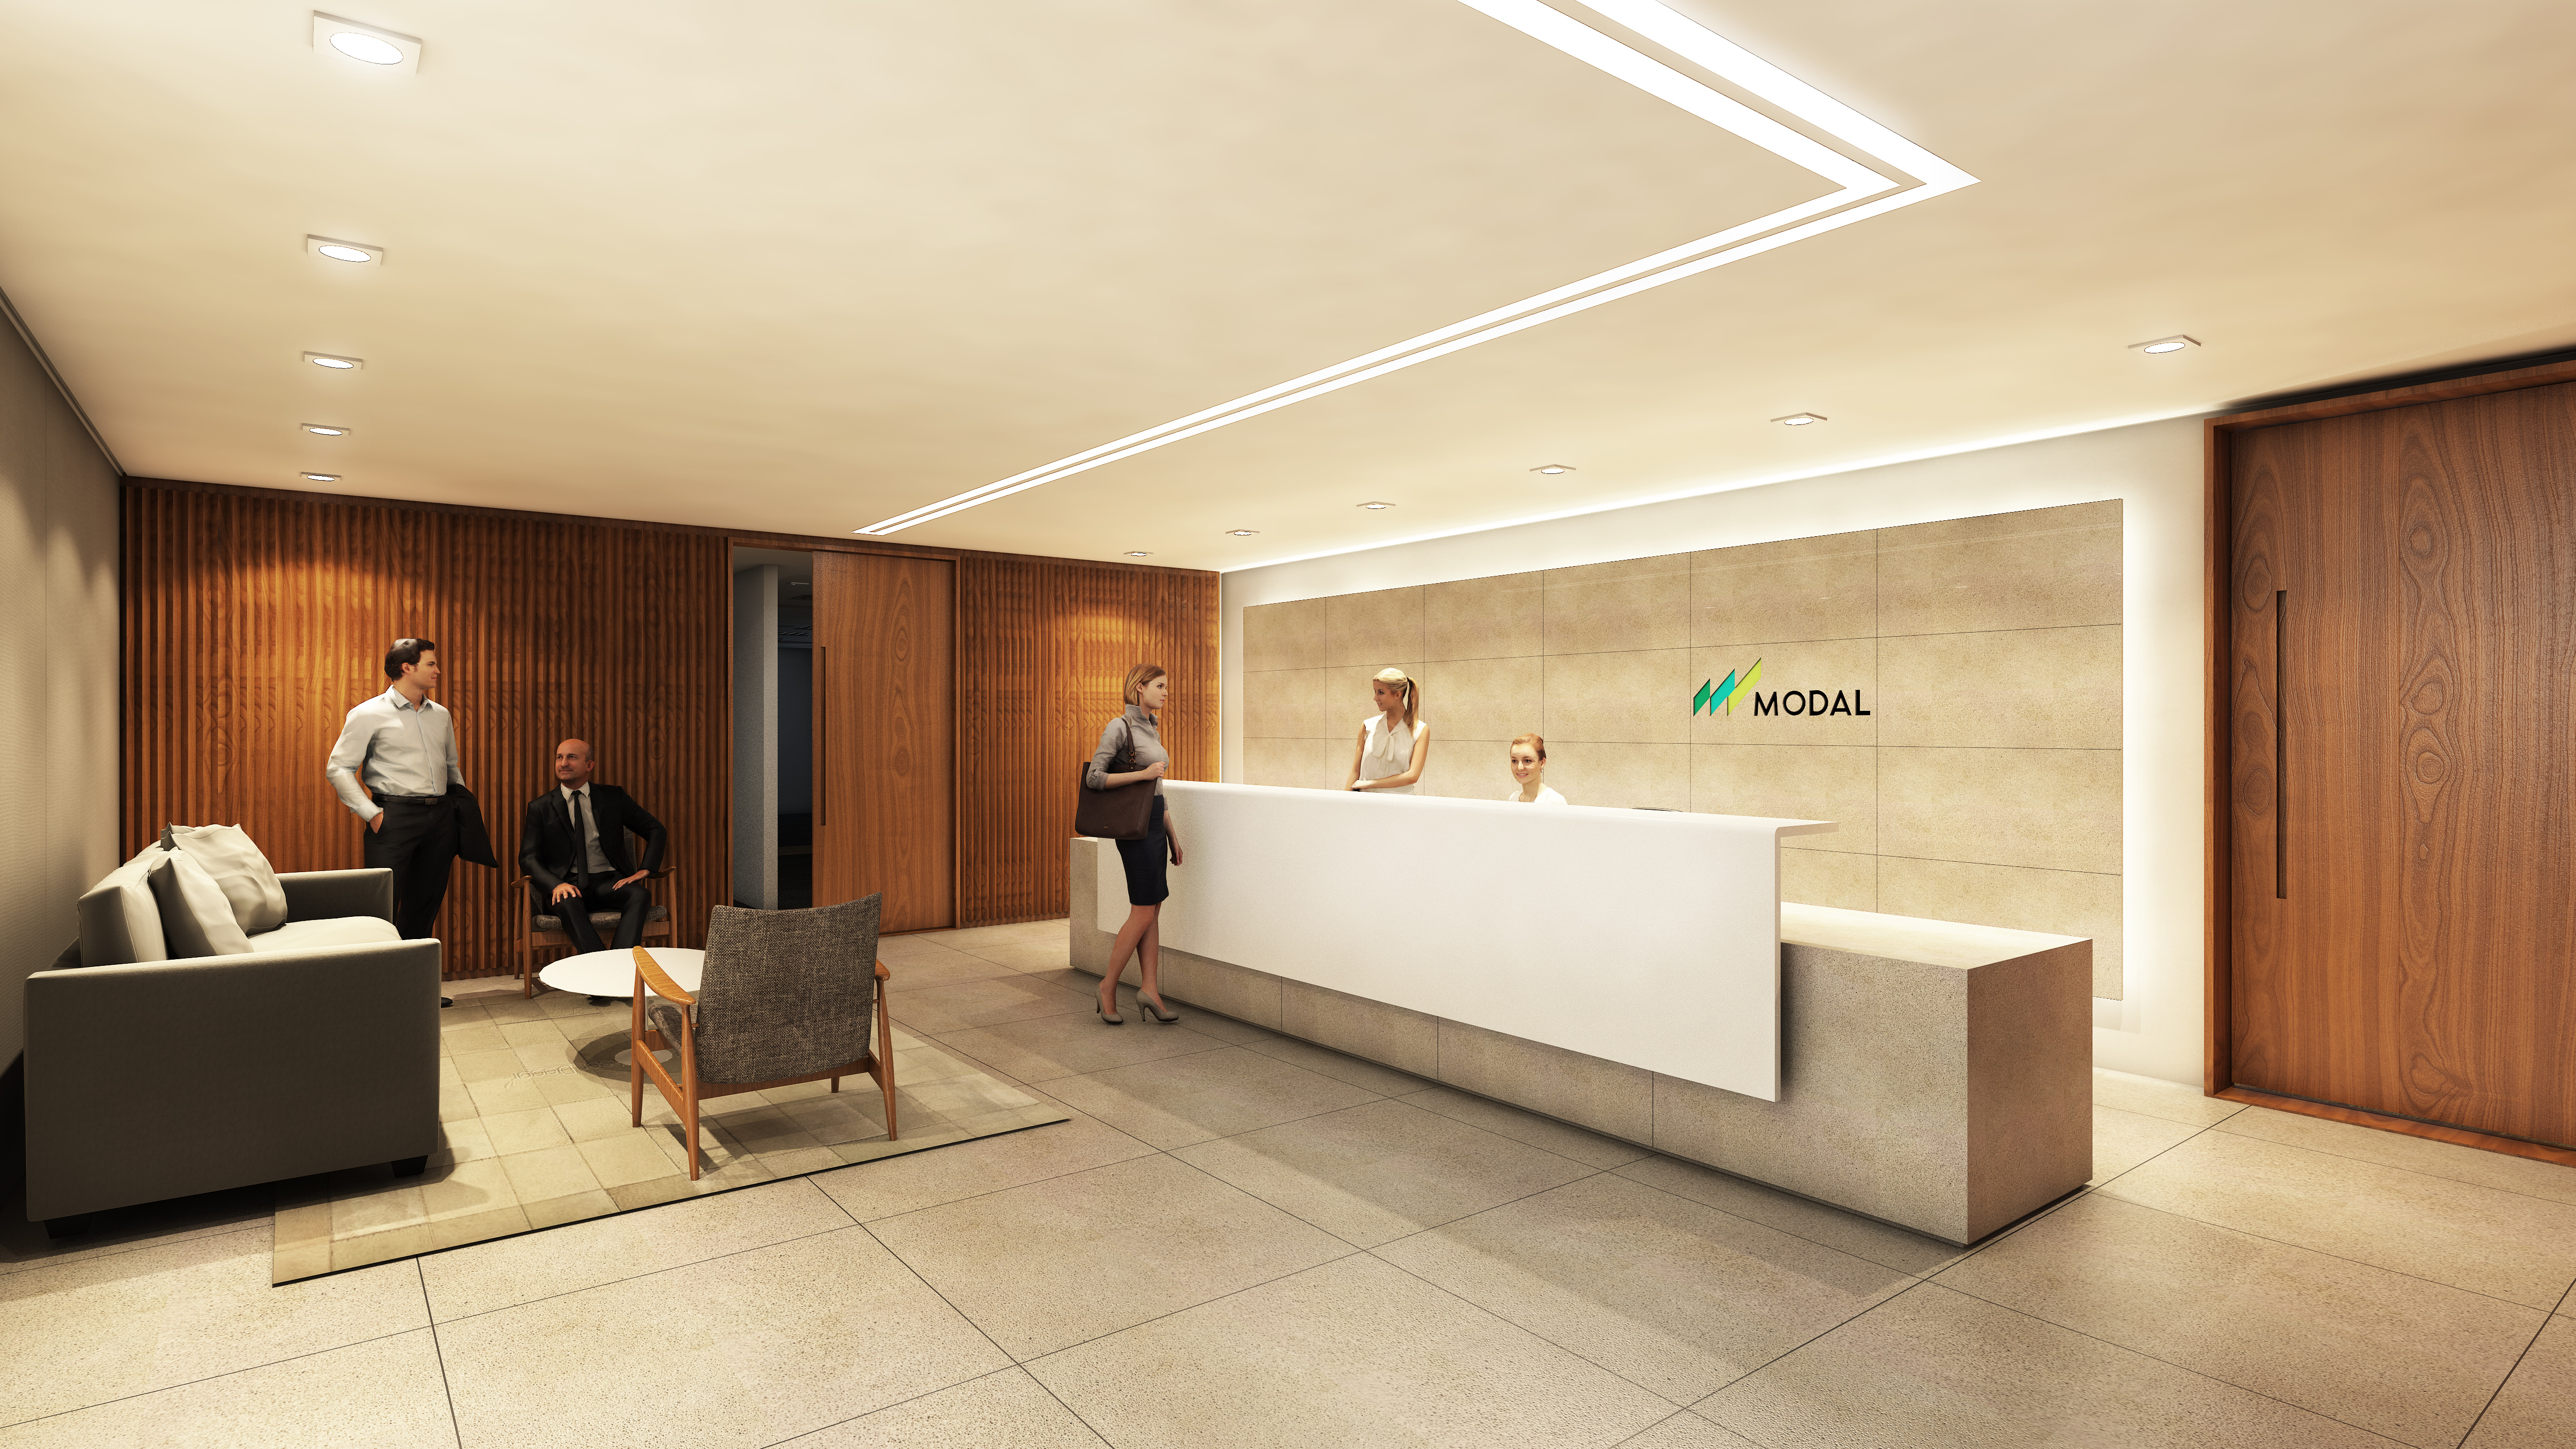 Banco Modal_Recepção